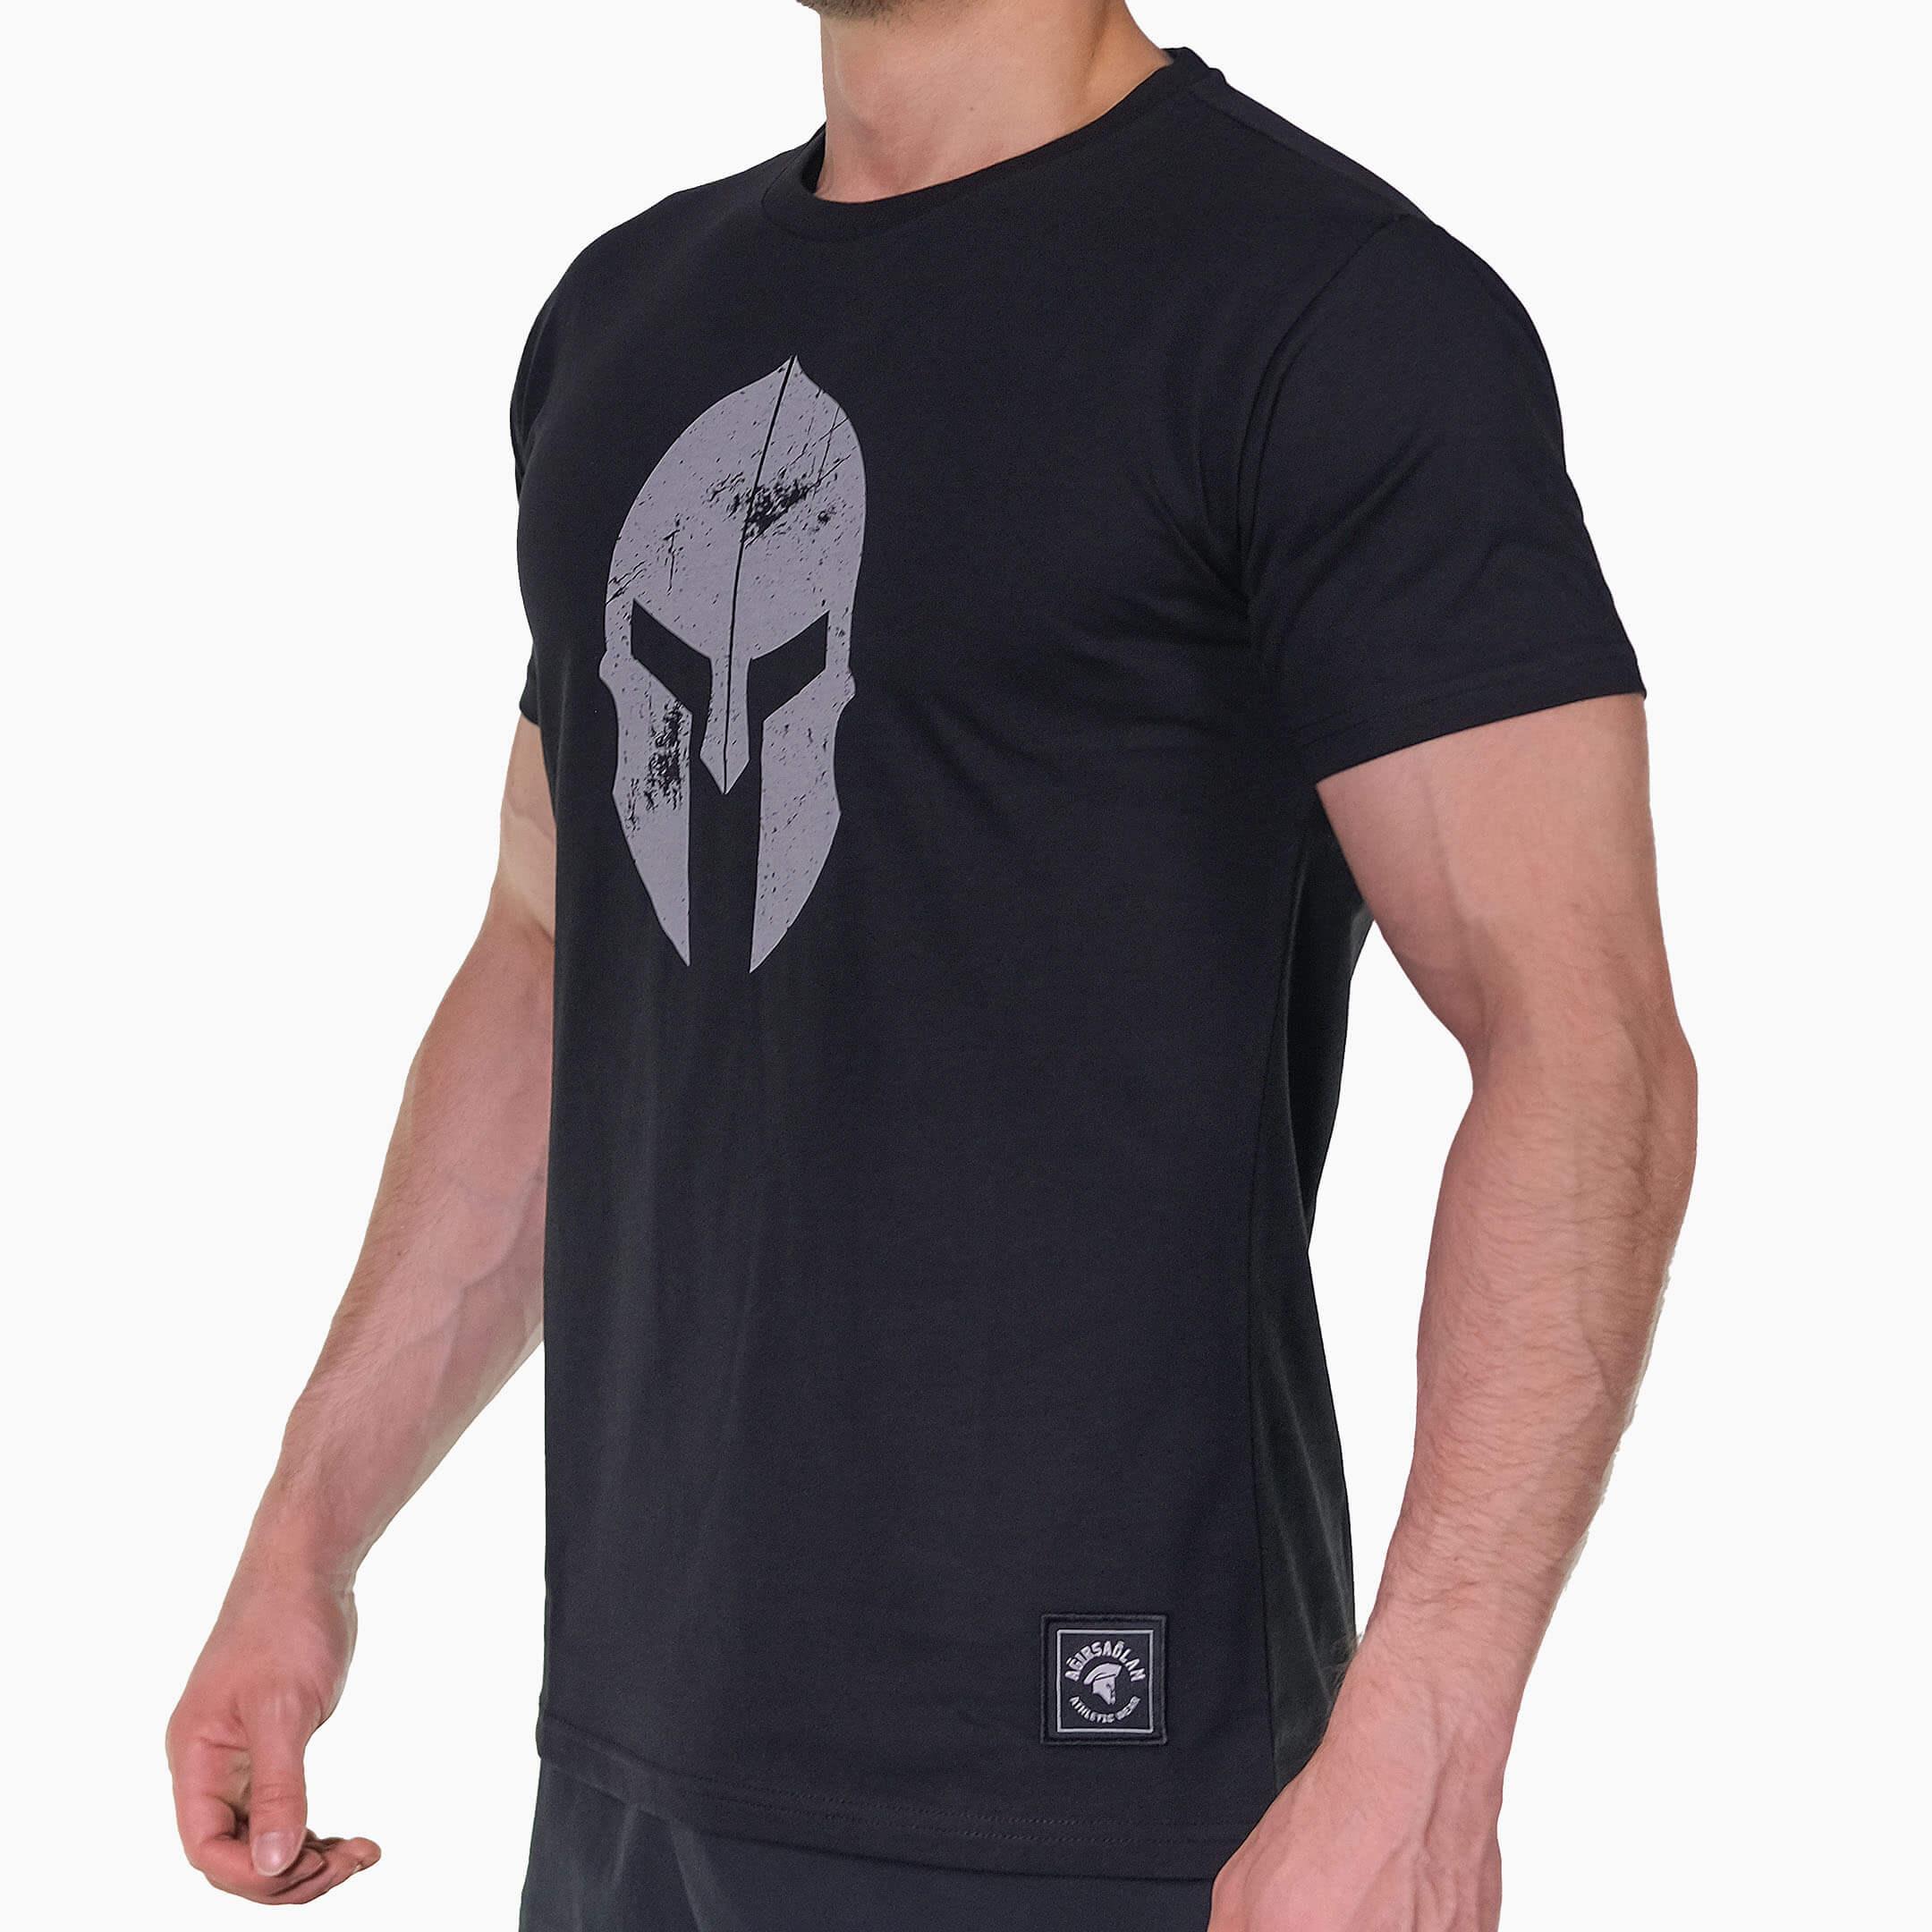 ağırsağlam siyah miğfer tişört yan